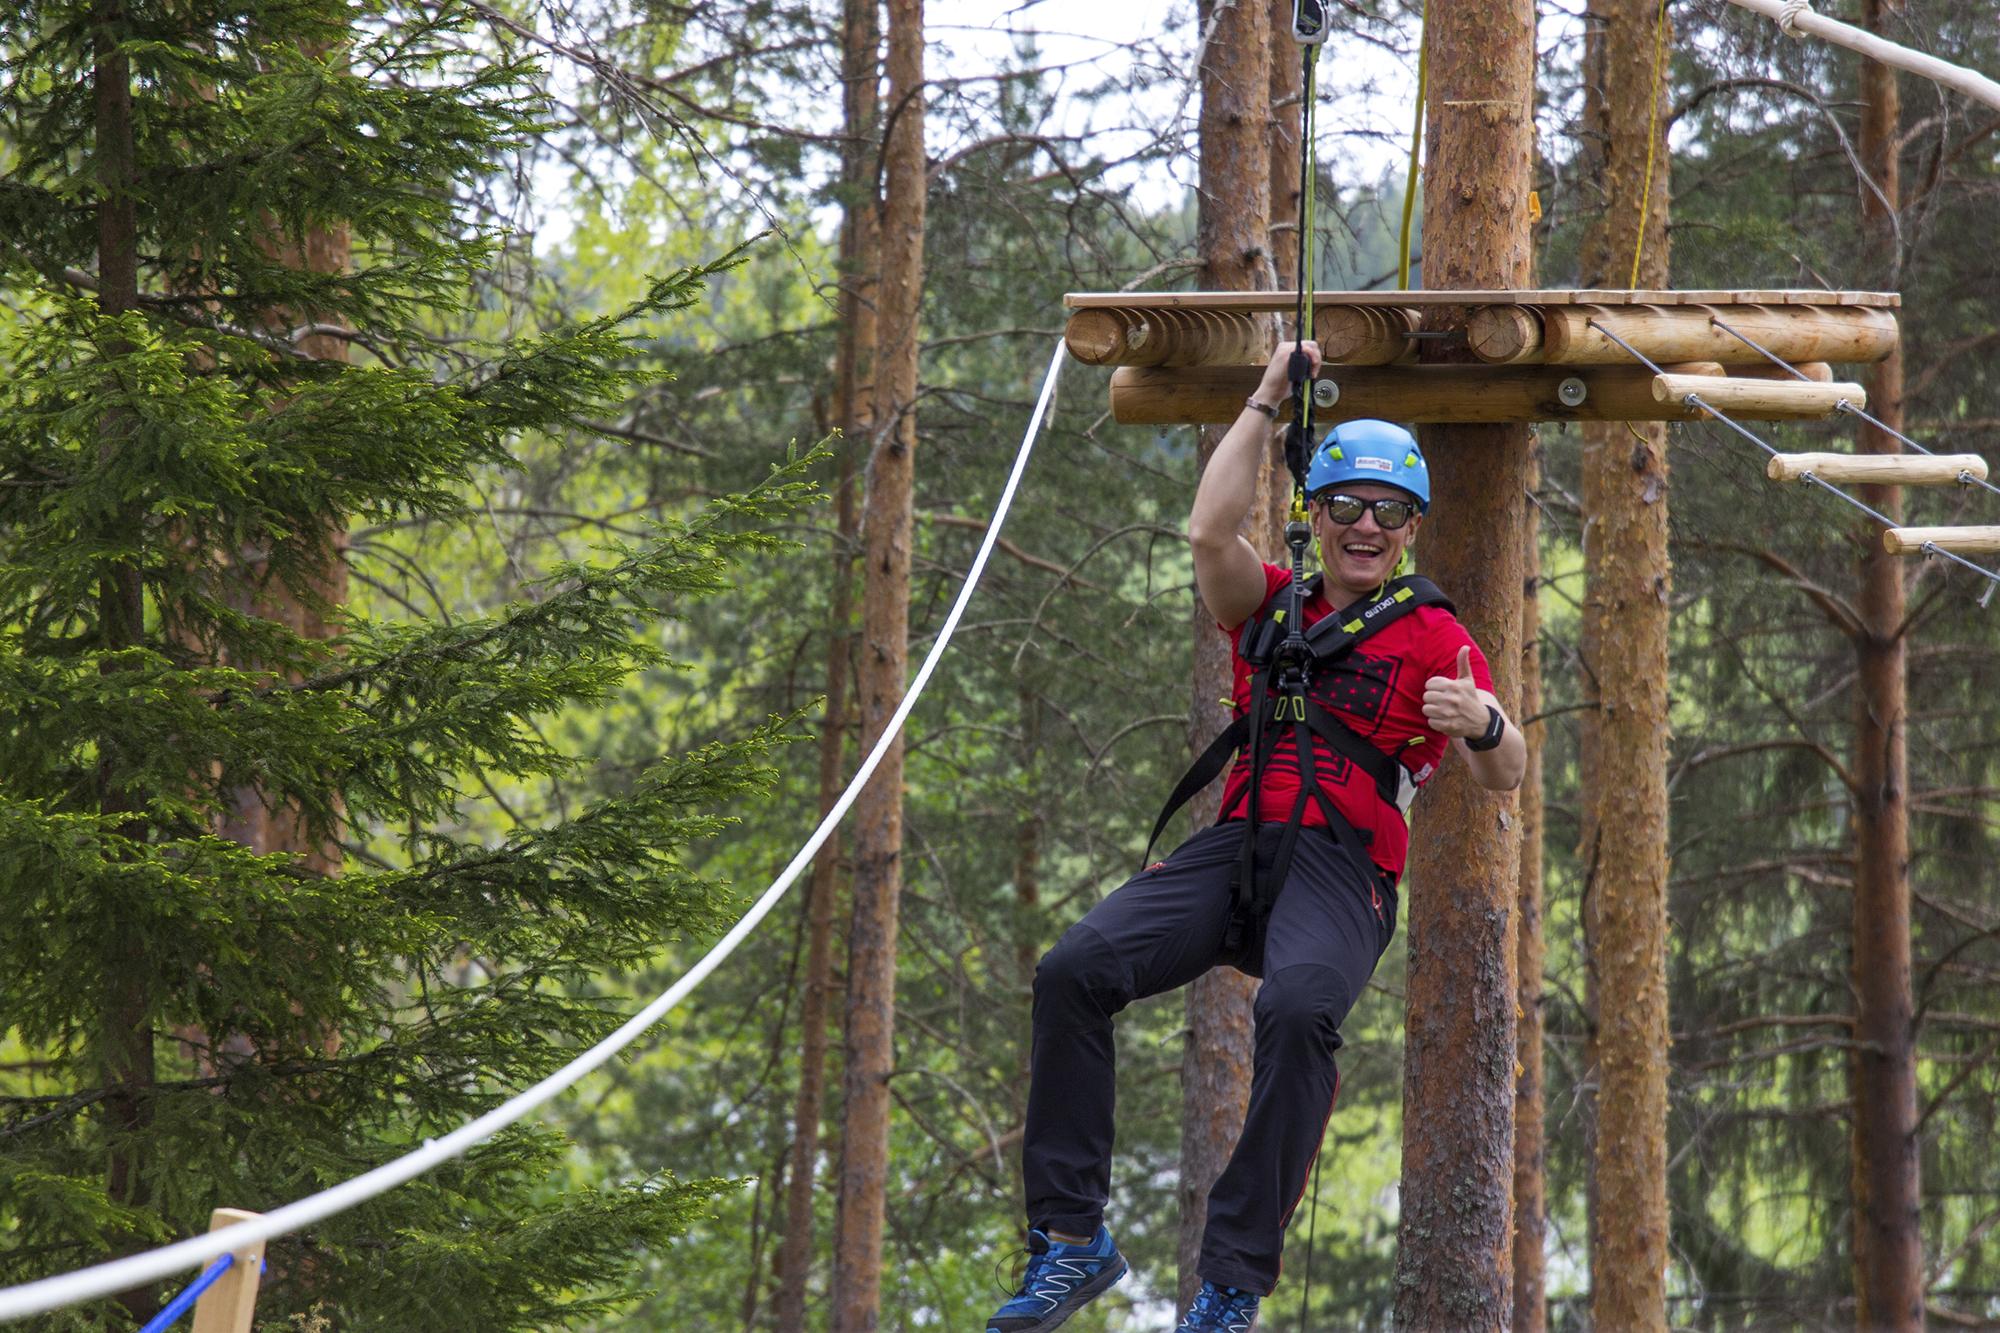 Mies roikkuu valjaissa Seikkailupuisto Leppiksen köysiradalla, hymyilee ja näyttää peukkua. Puisto on yksi rahoitusta saaneista kohteista.